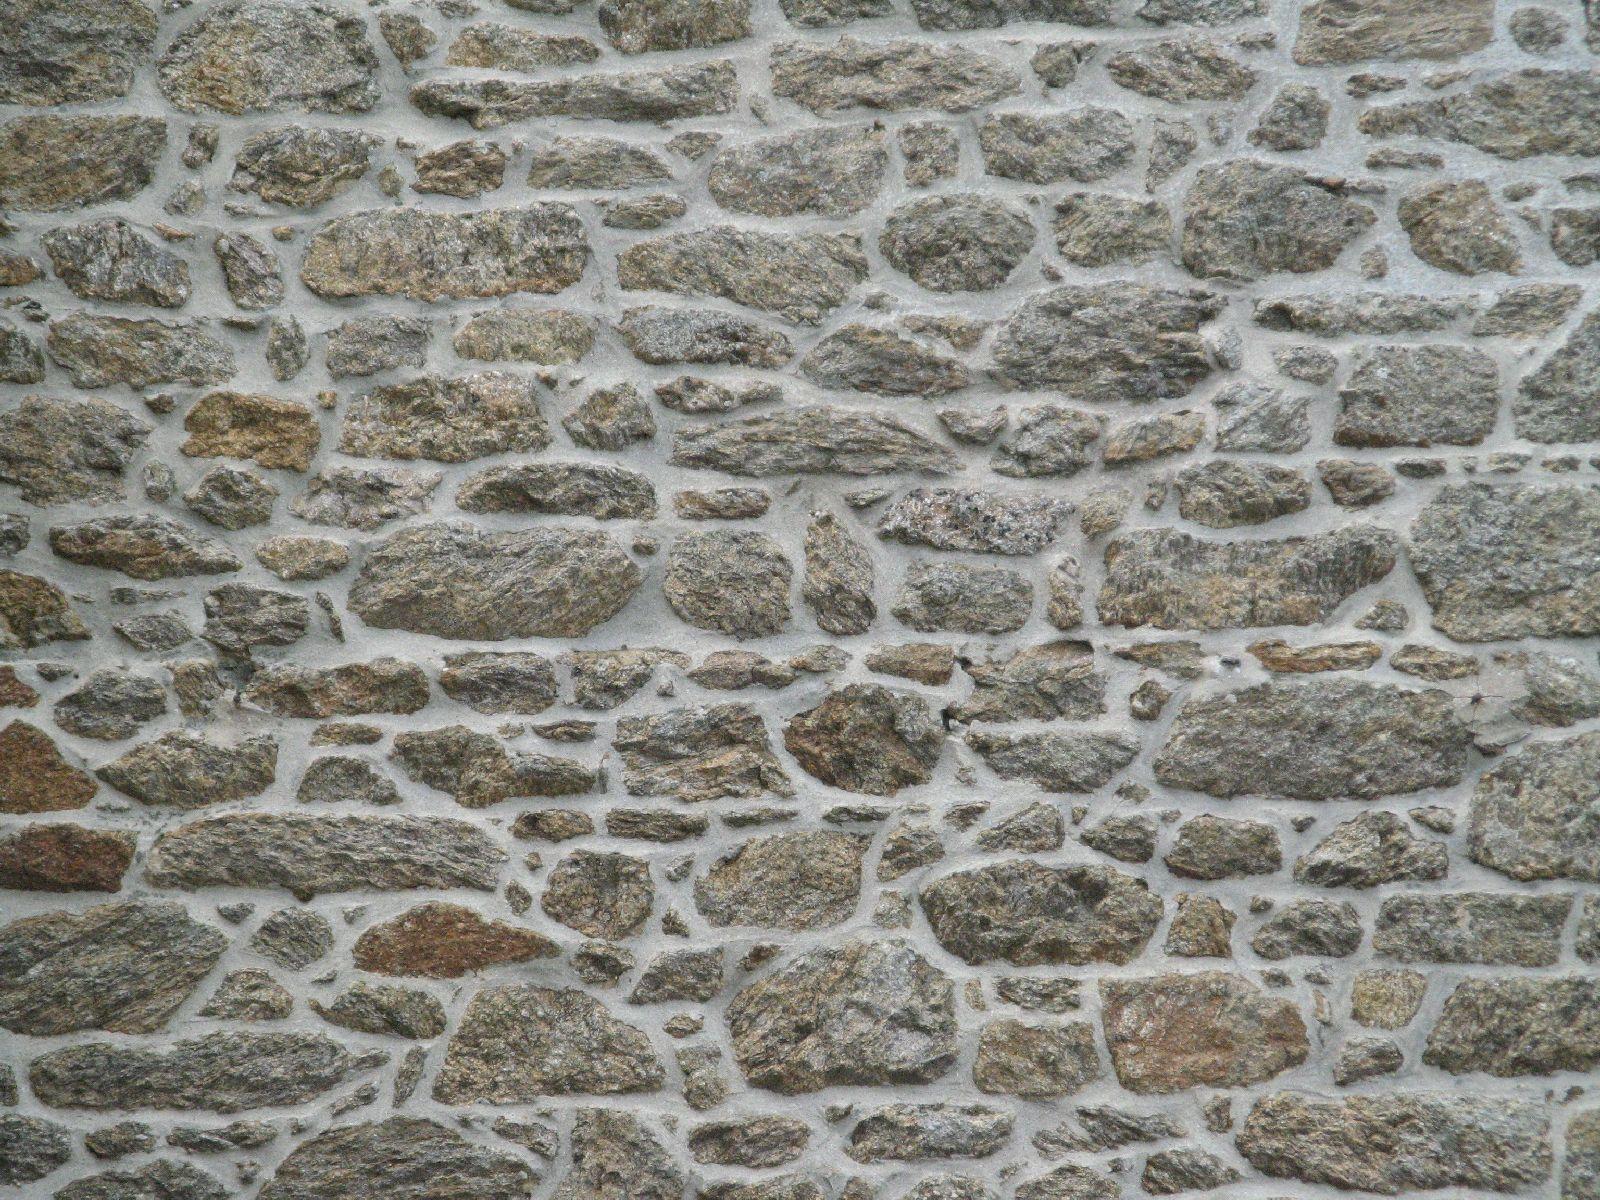 Wand-Bruchstein_Textur_B_1808